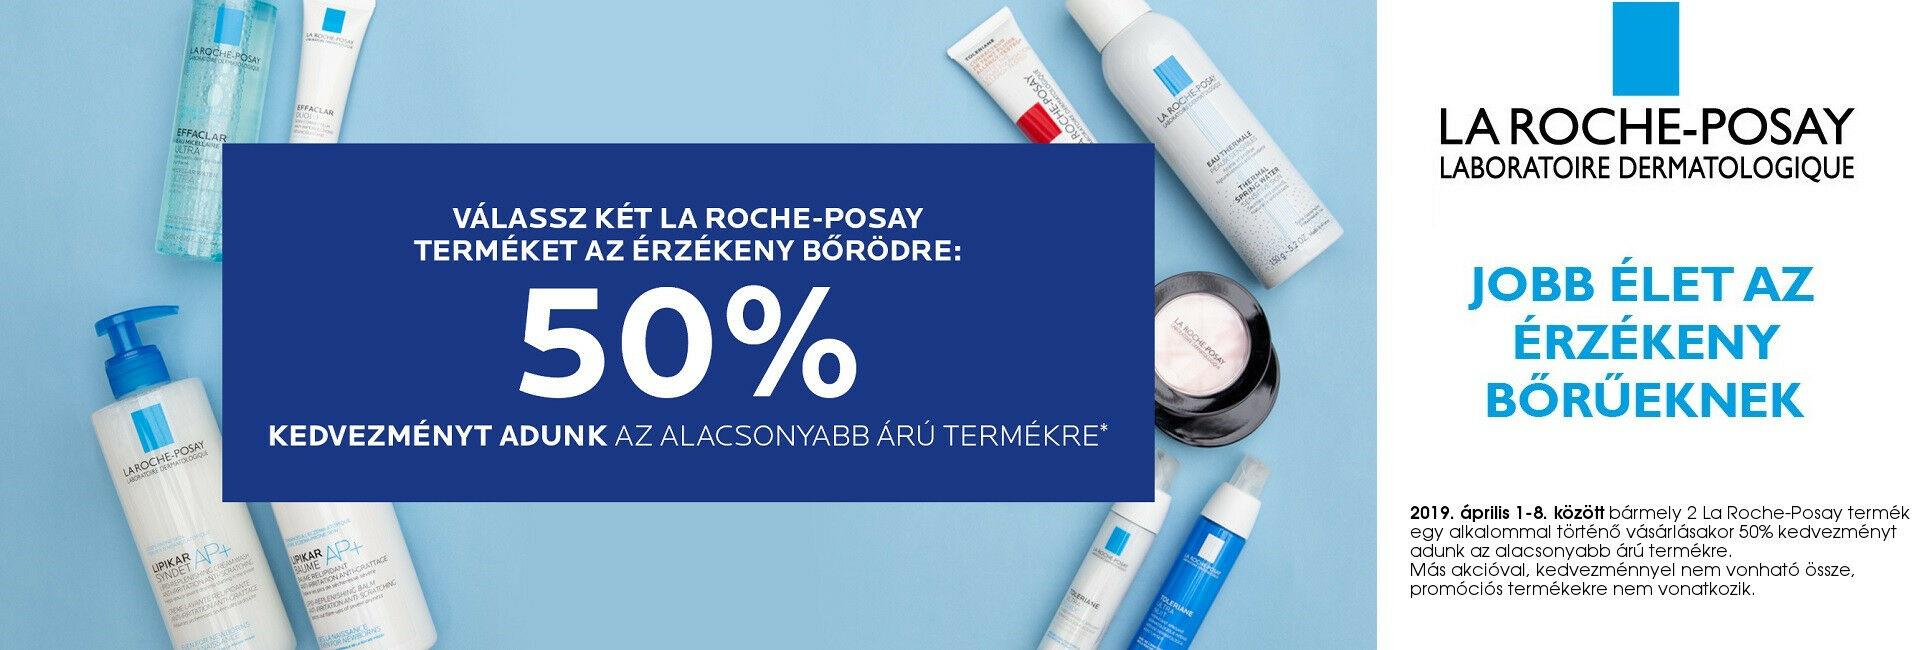 2019. április 1-3. között a 2. La Roche-Posay termékre 50% kedvezményt adunk!